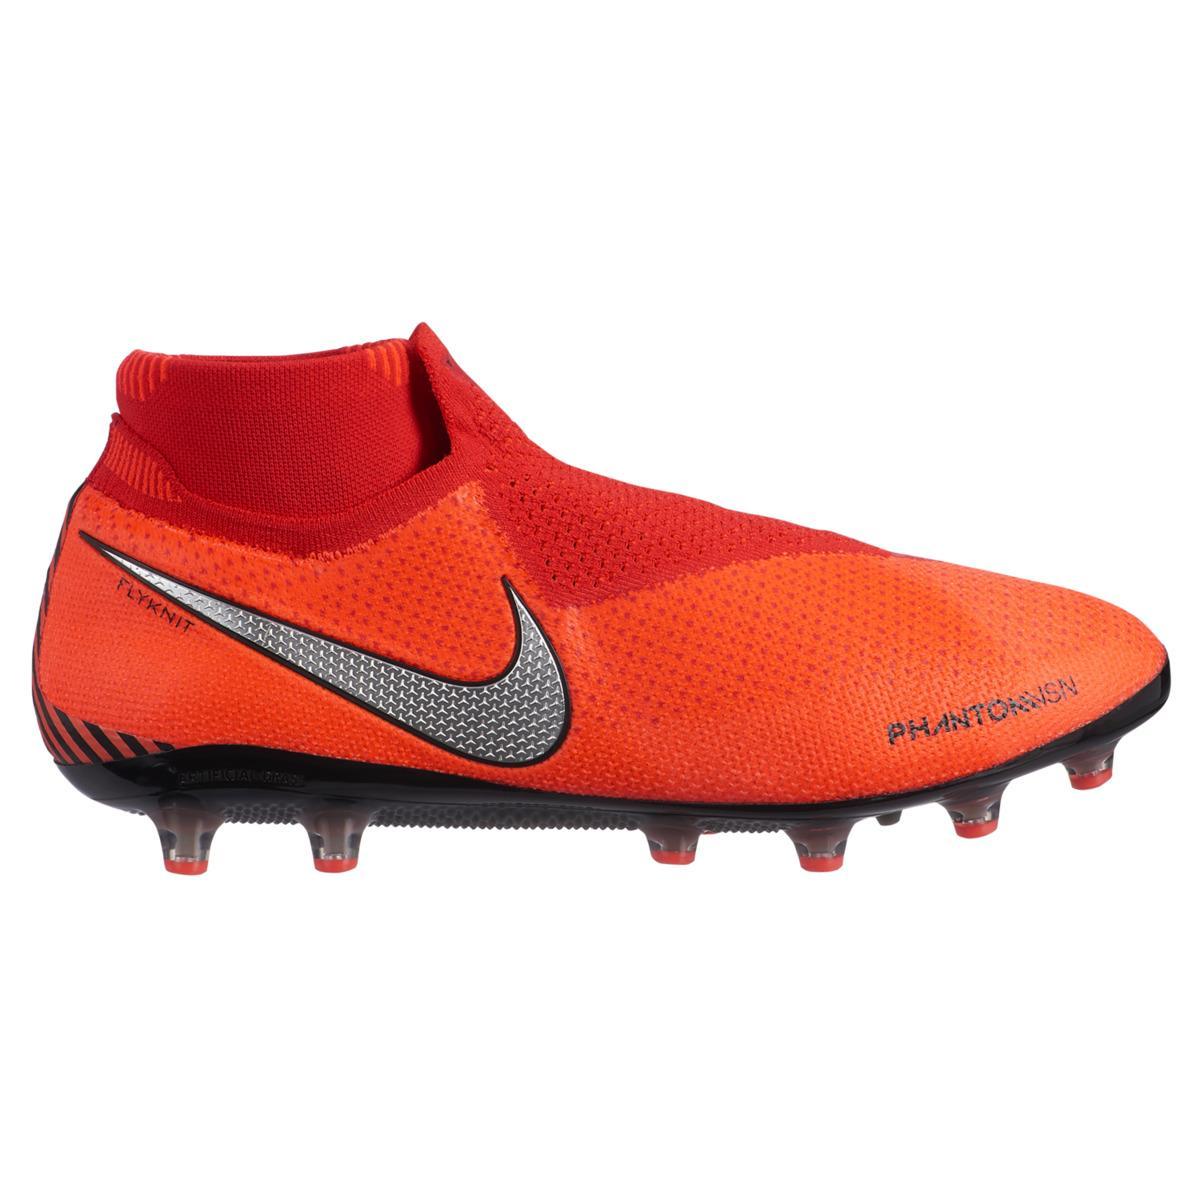 1d890a44aec Nike Phantom Vsn Elite Df Ag-pro Football Boots in Orange for Men - Lyst